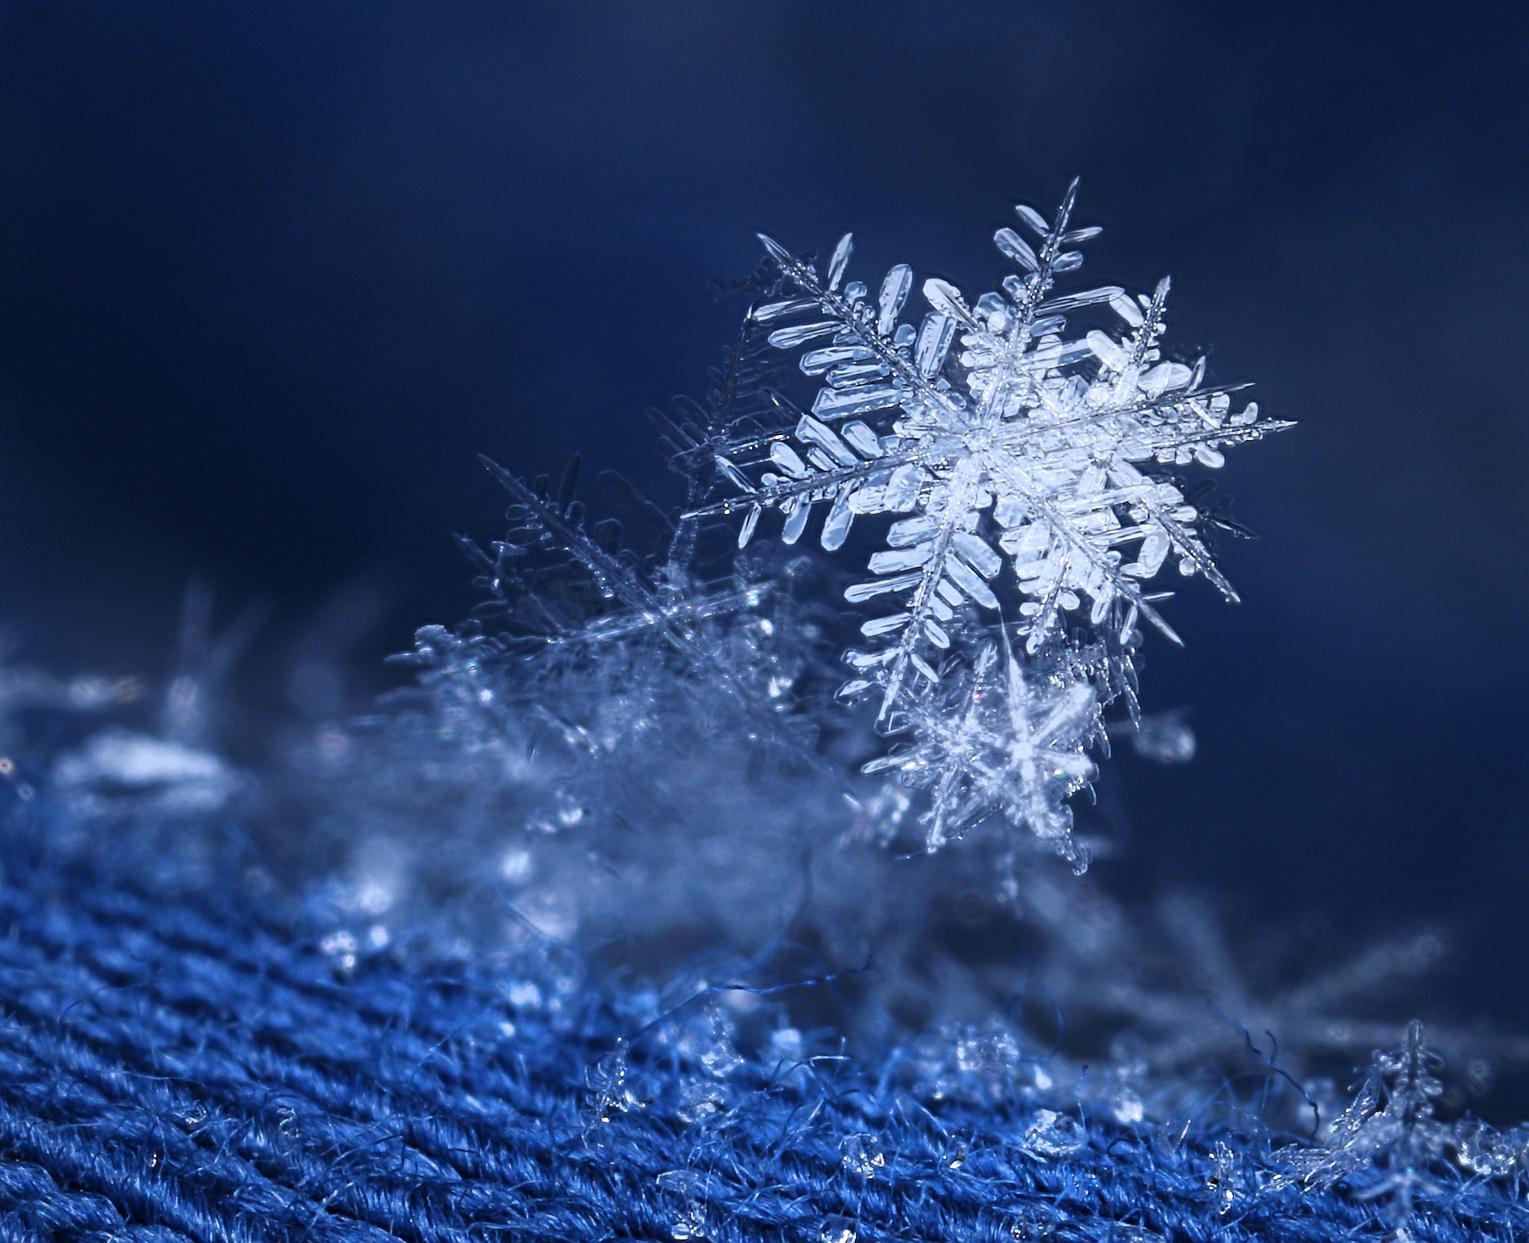 Eine unversehrte Schneeflocke auf blauer Wolle.